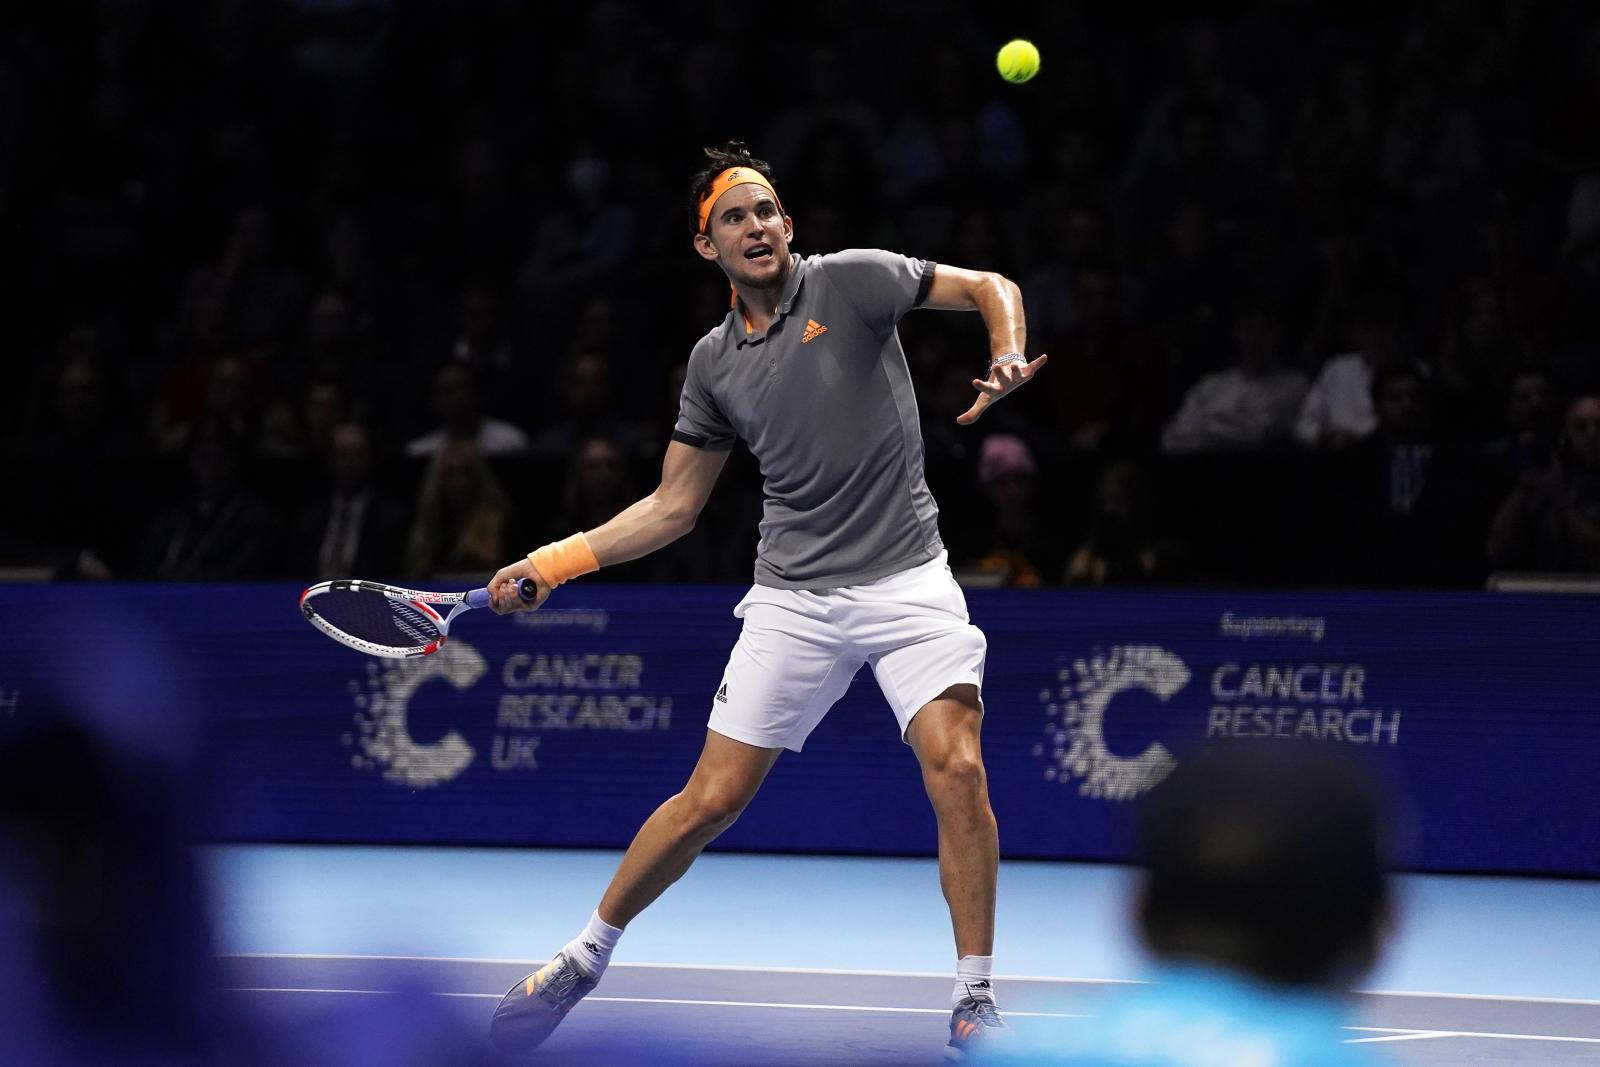 MEcz tenisa fot. EPA/WILL OLIVER